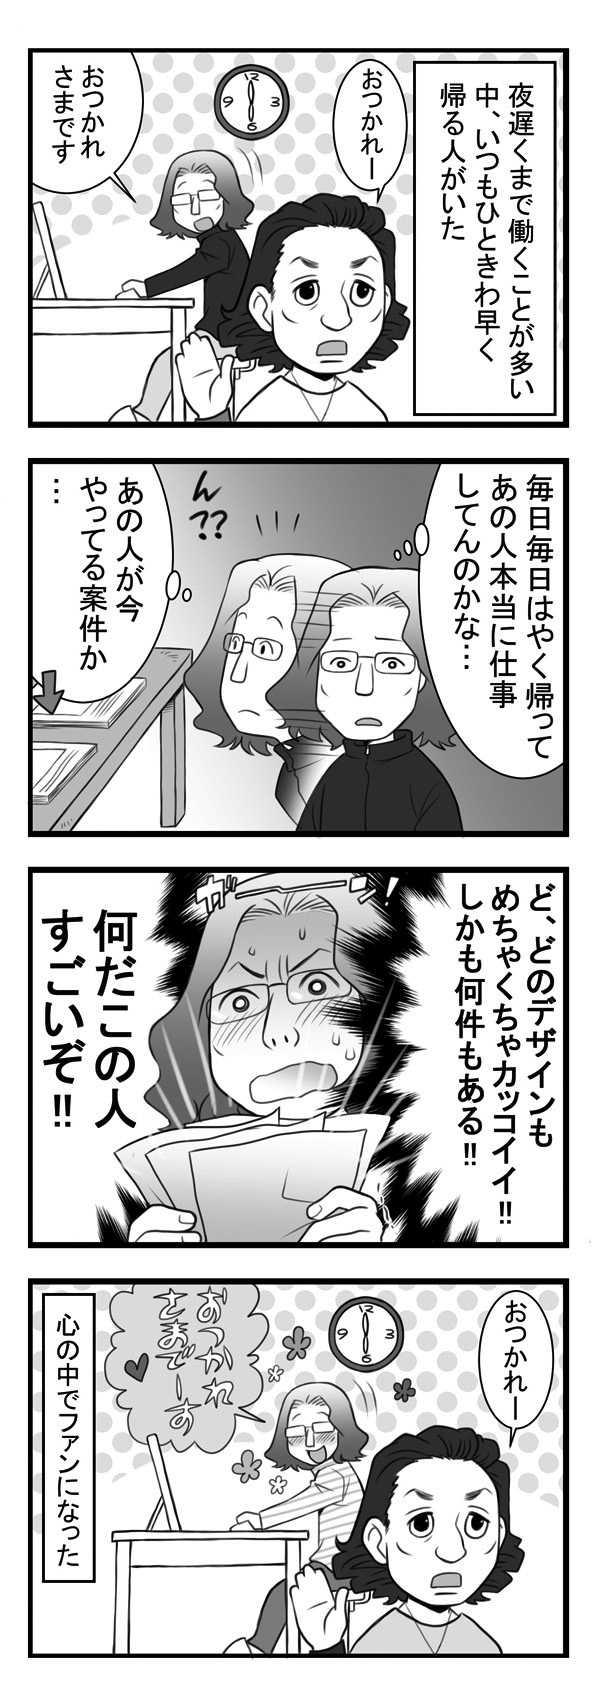 〜デキる人の日常〜